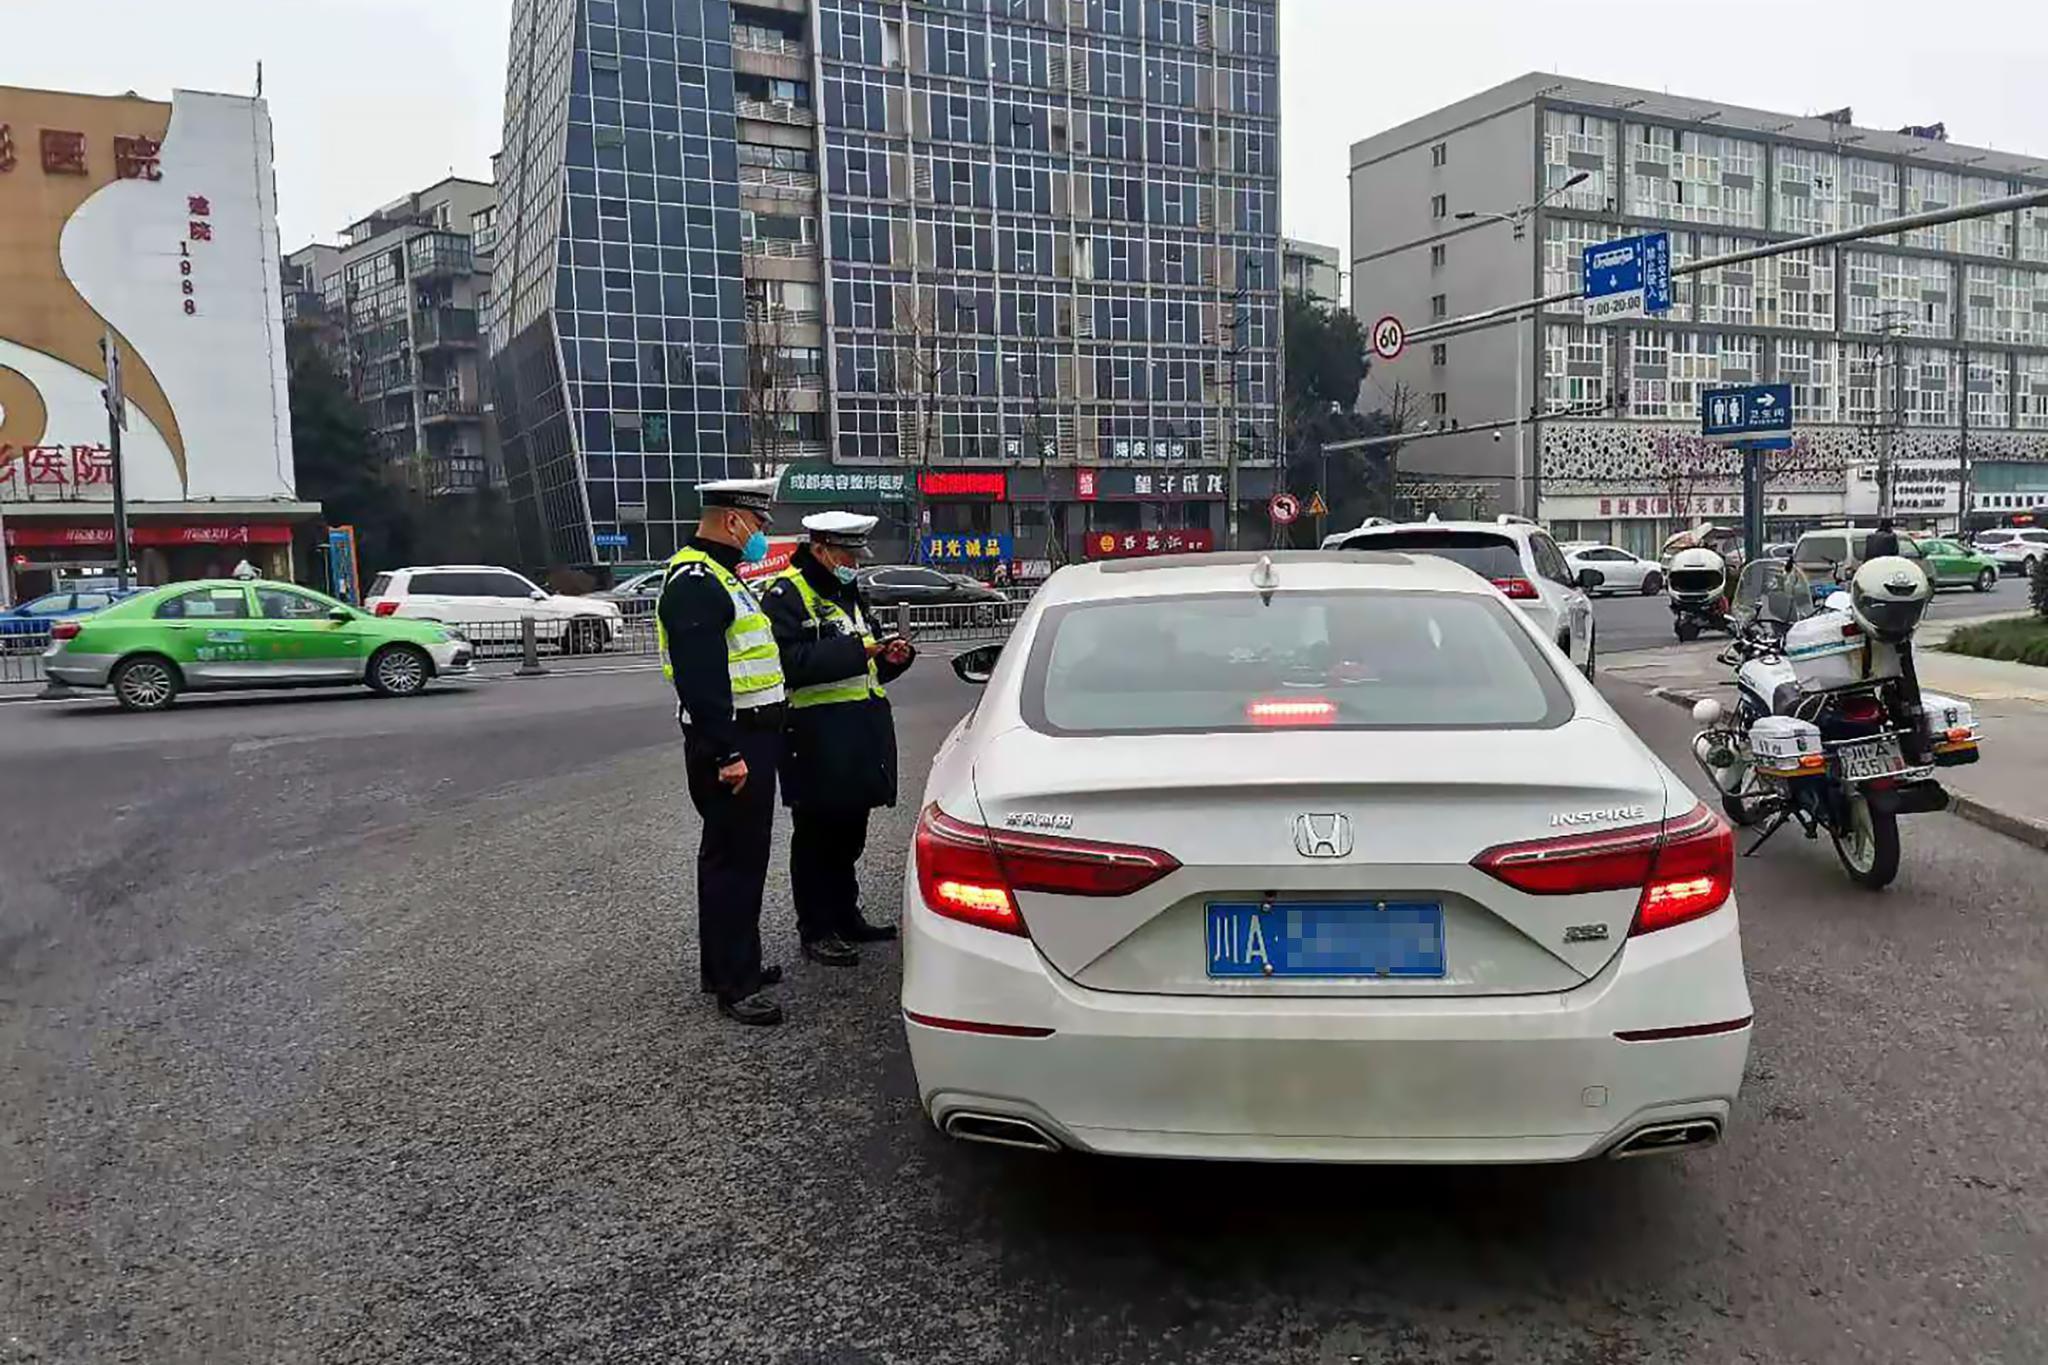 四川立法规范辅警管理 明确辅警可填写交通违法告知单